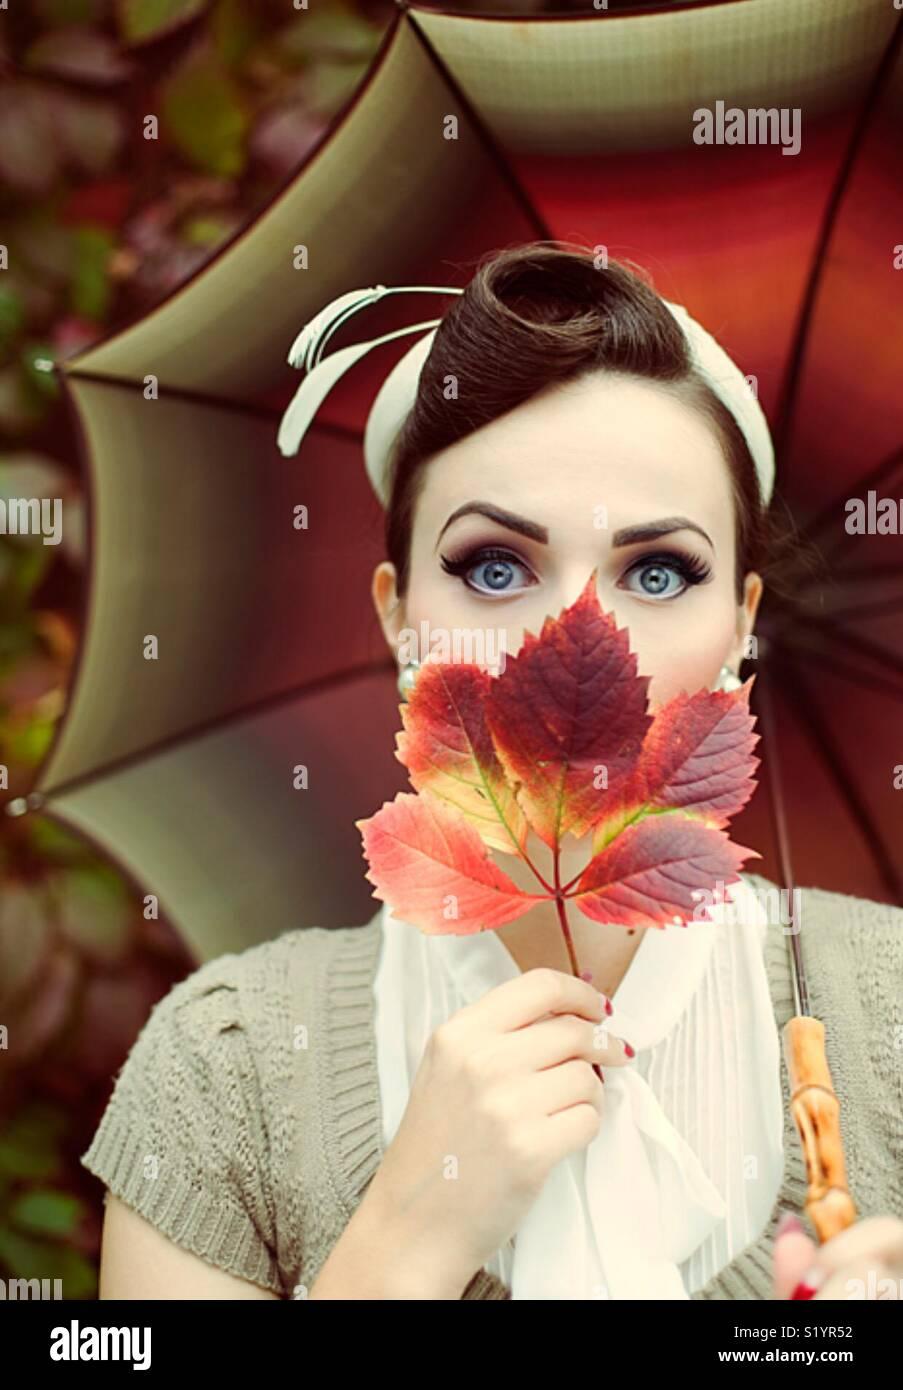 La journée parfaite avec ma belle amie Ariana dans🍁 d'automne Photo Stock